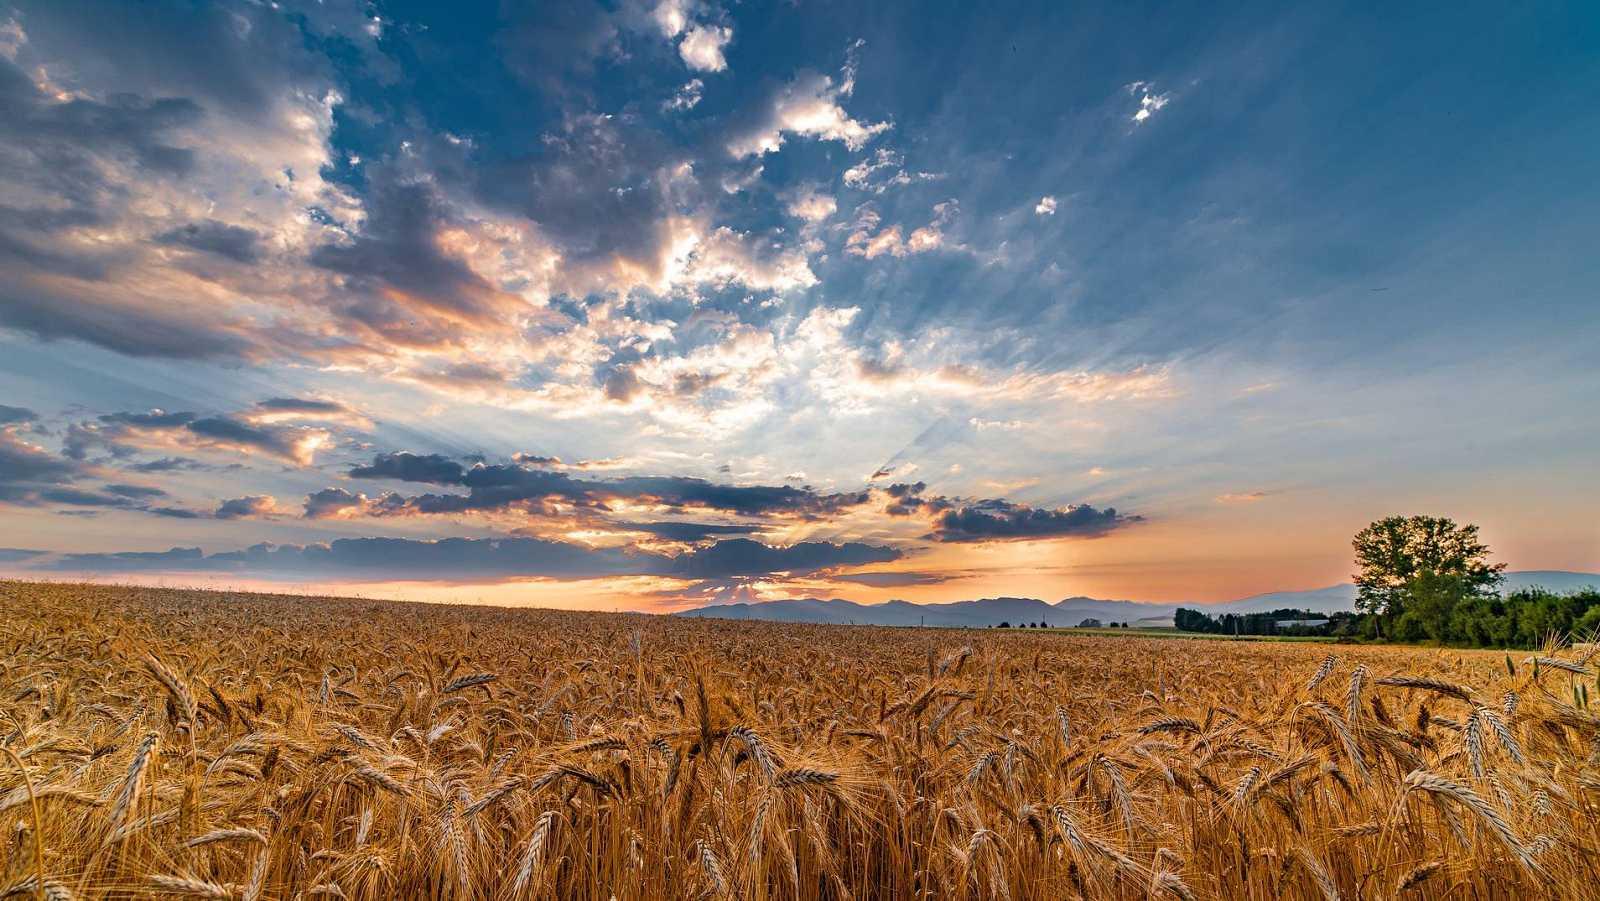 Reserva natural - Trigo para combatir el cambio climático -  26/11/20  - Escuchar ahora